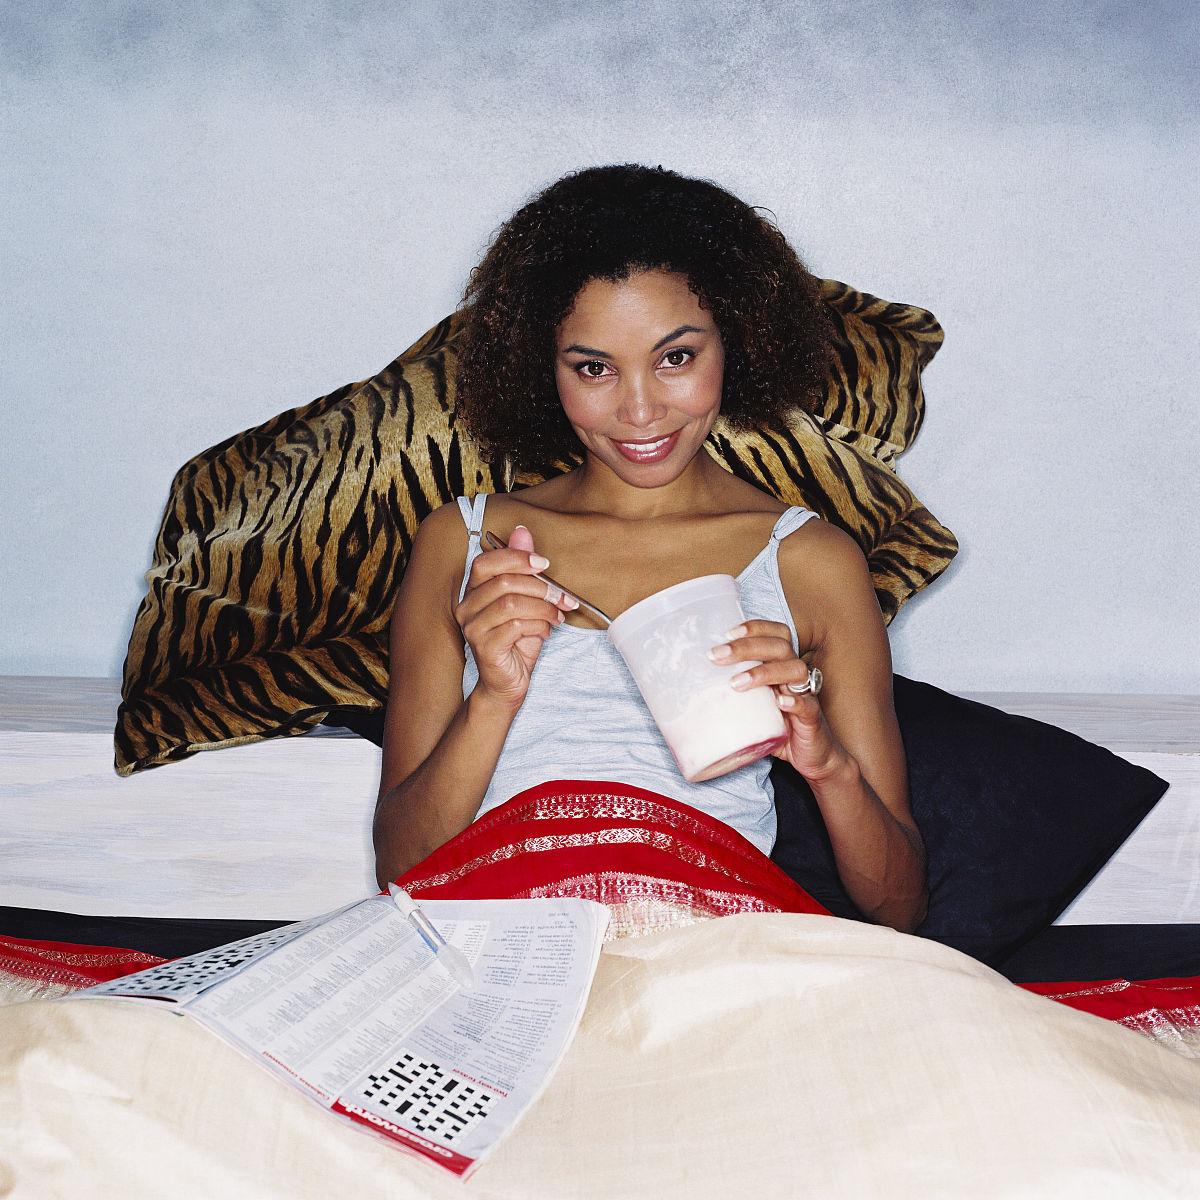 一个人,枕头,20多岁,25岁到30岁,吃,躺,棕色头发,坐,黑色人种,非洲人图片